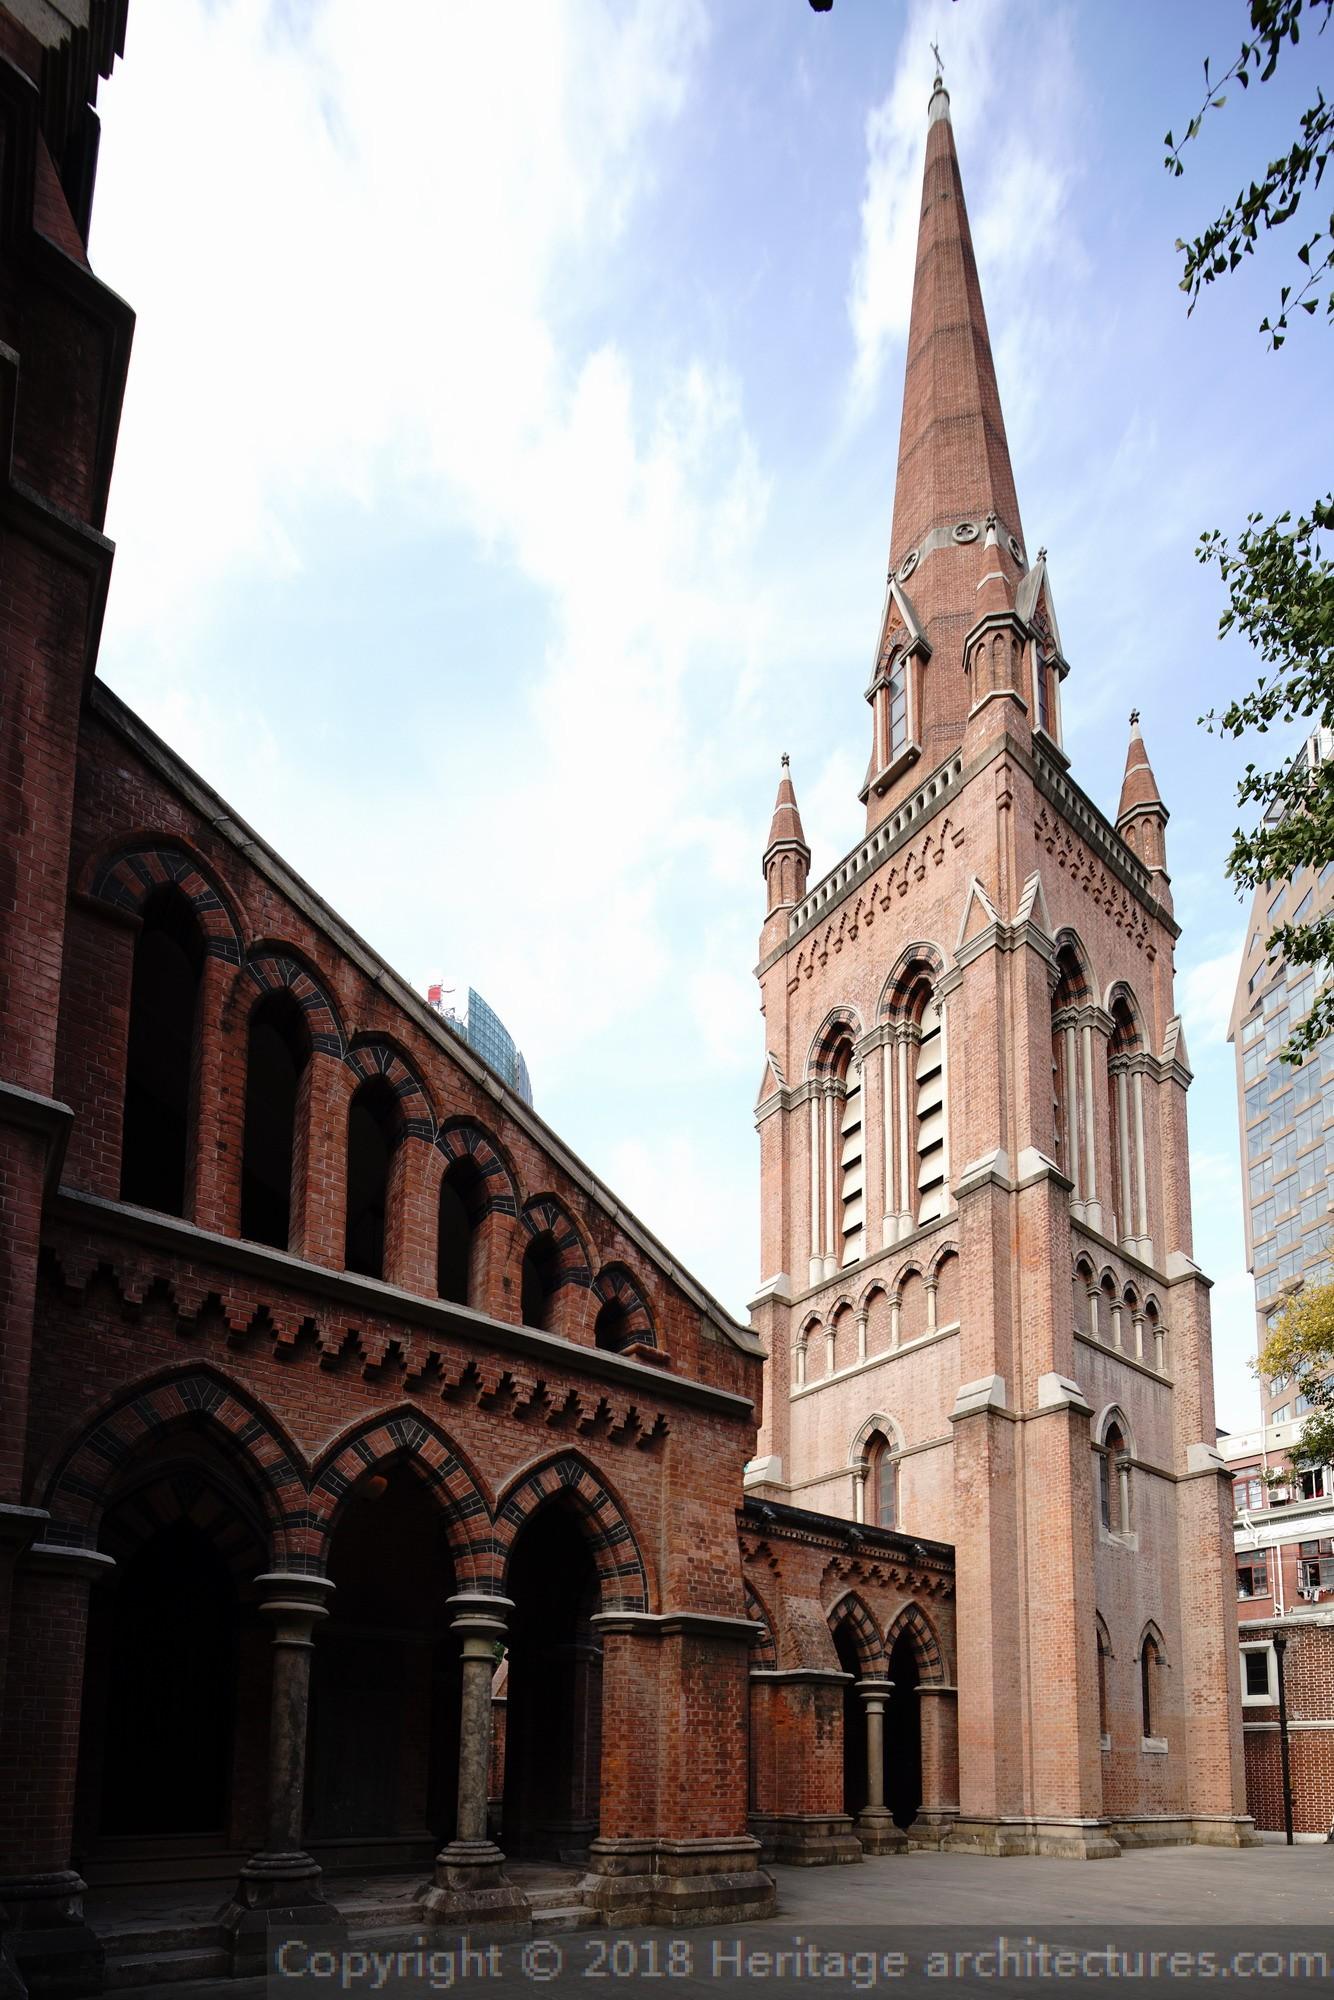 上海圣三一教堂_1A025-圣三一教堂 - Heritage architectures.com